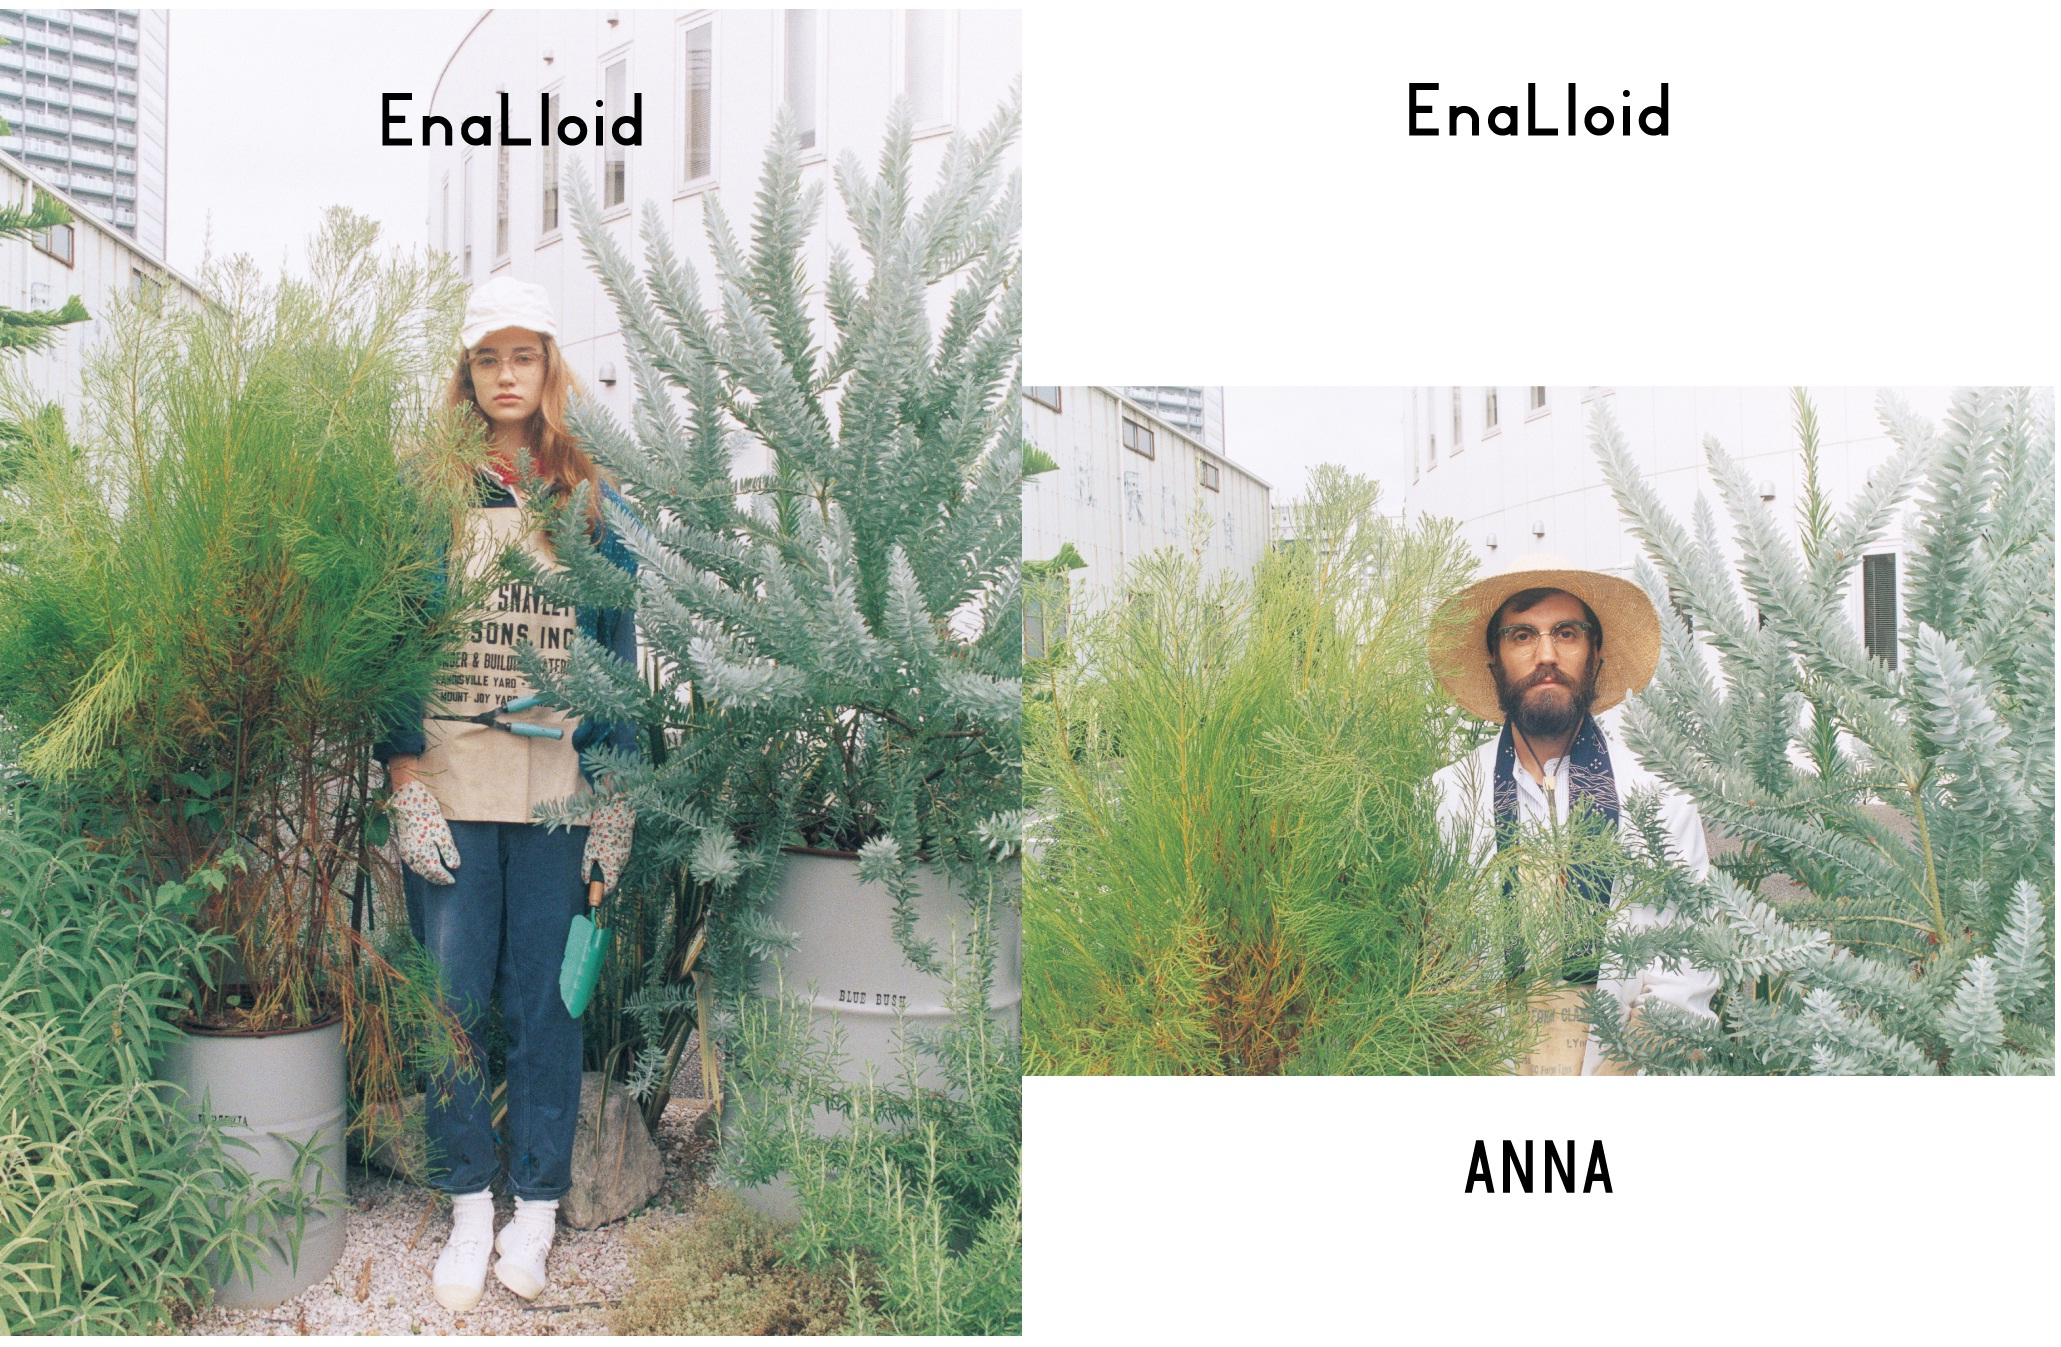 Enaloid